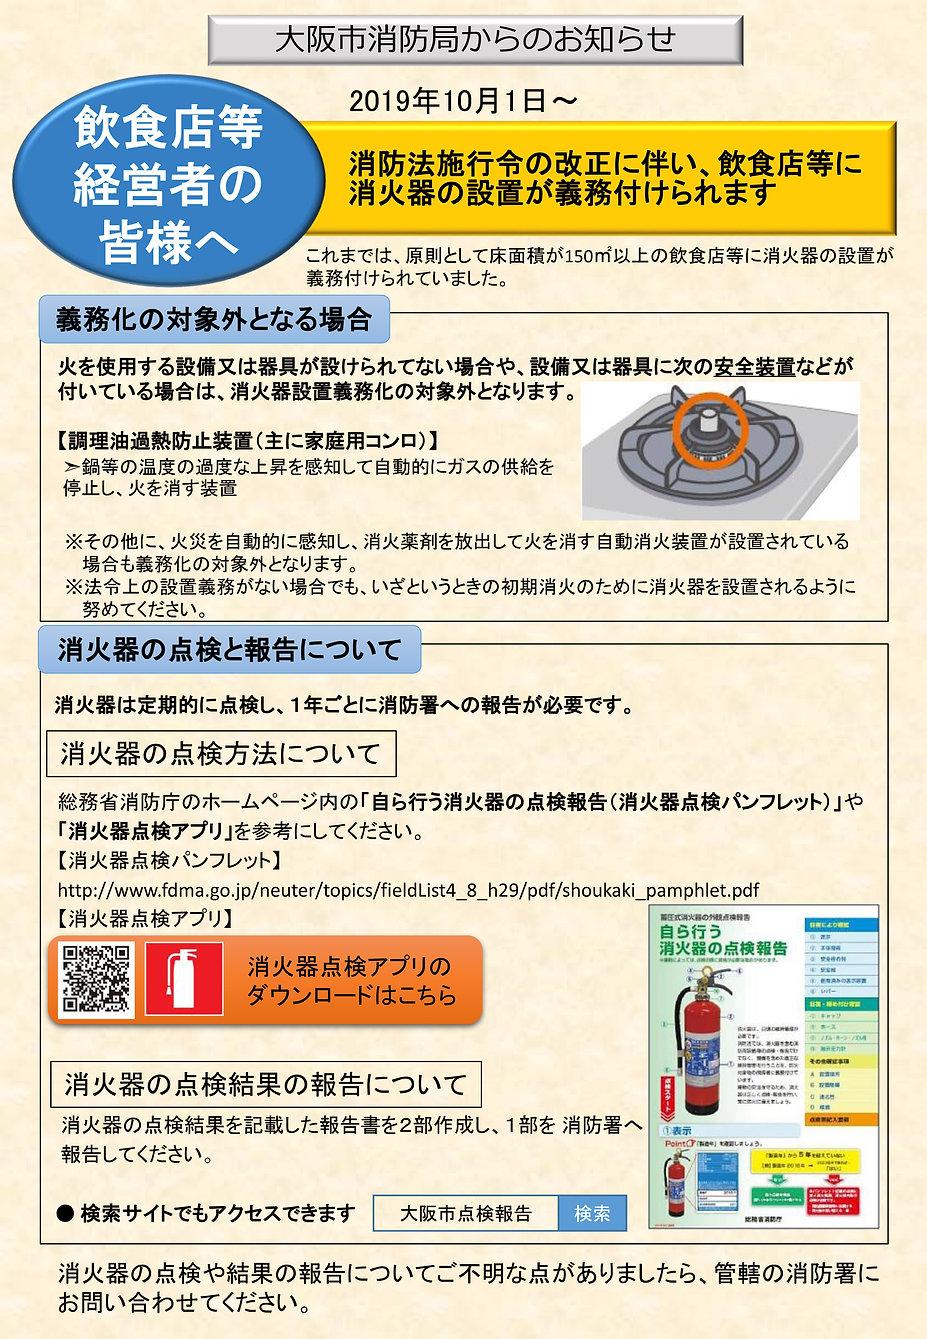 飲食店消火器設置の義務化-1.jpg